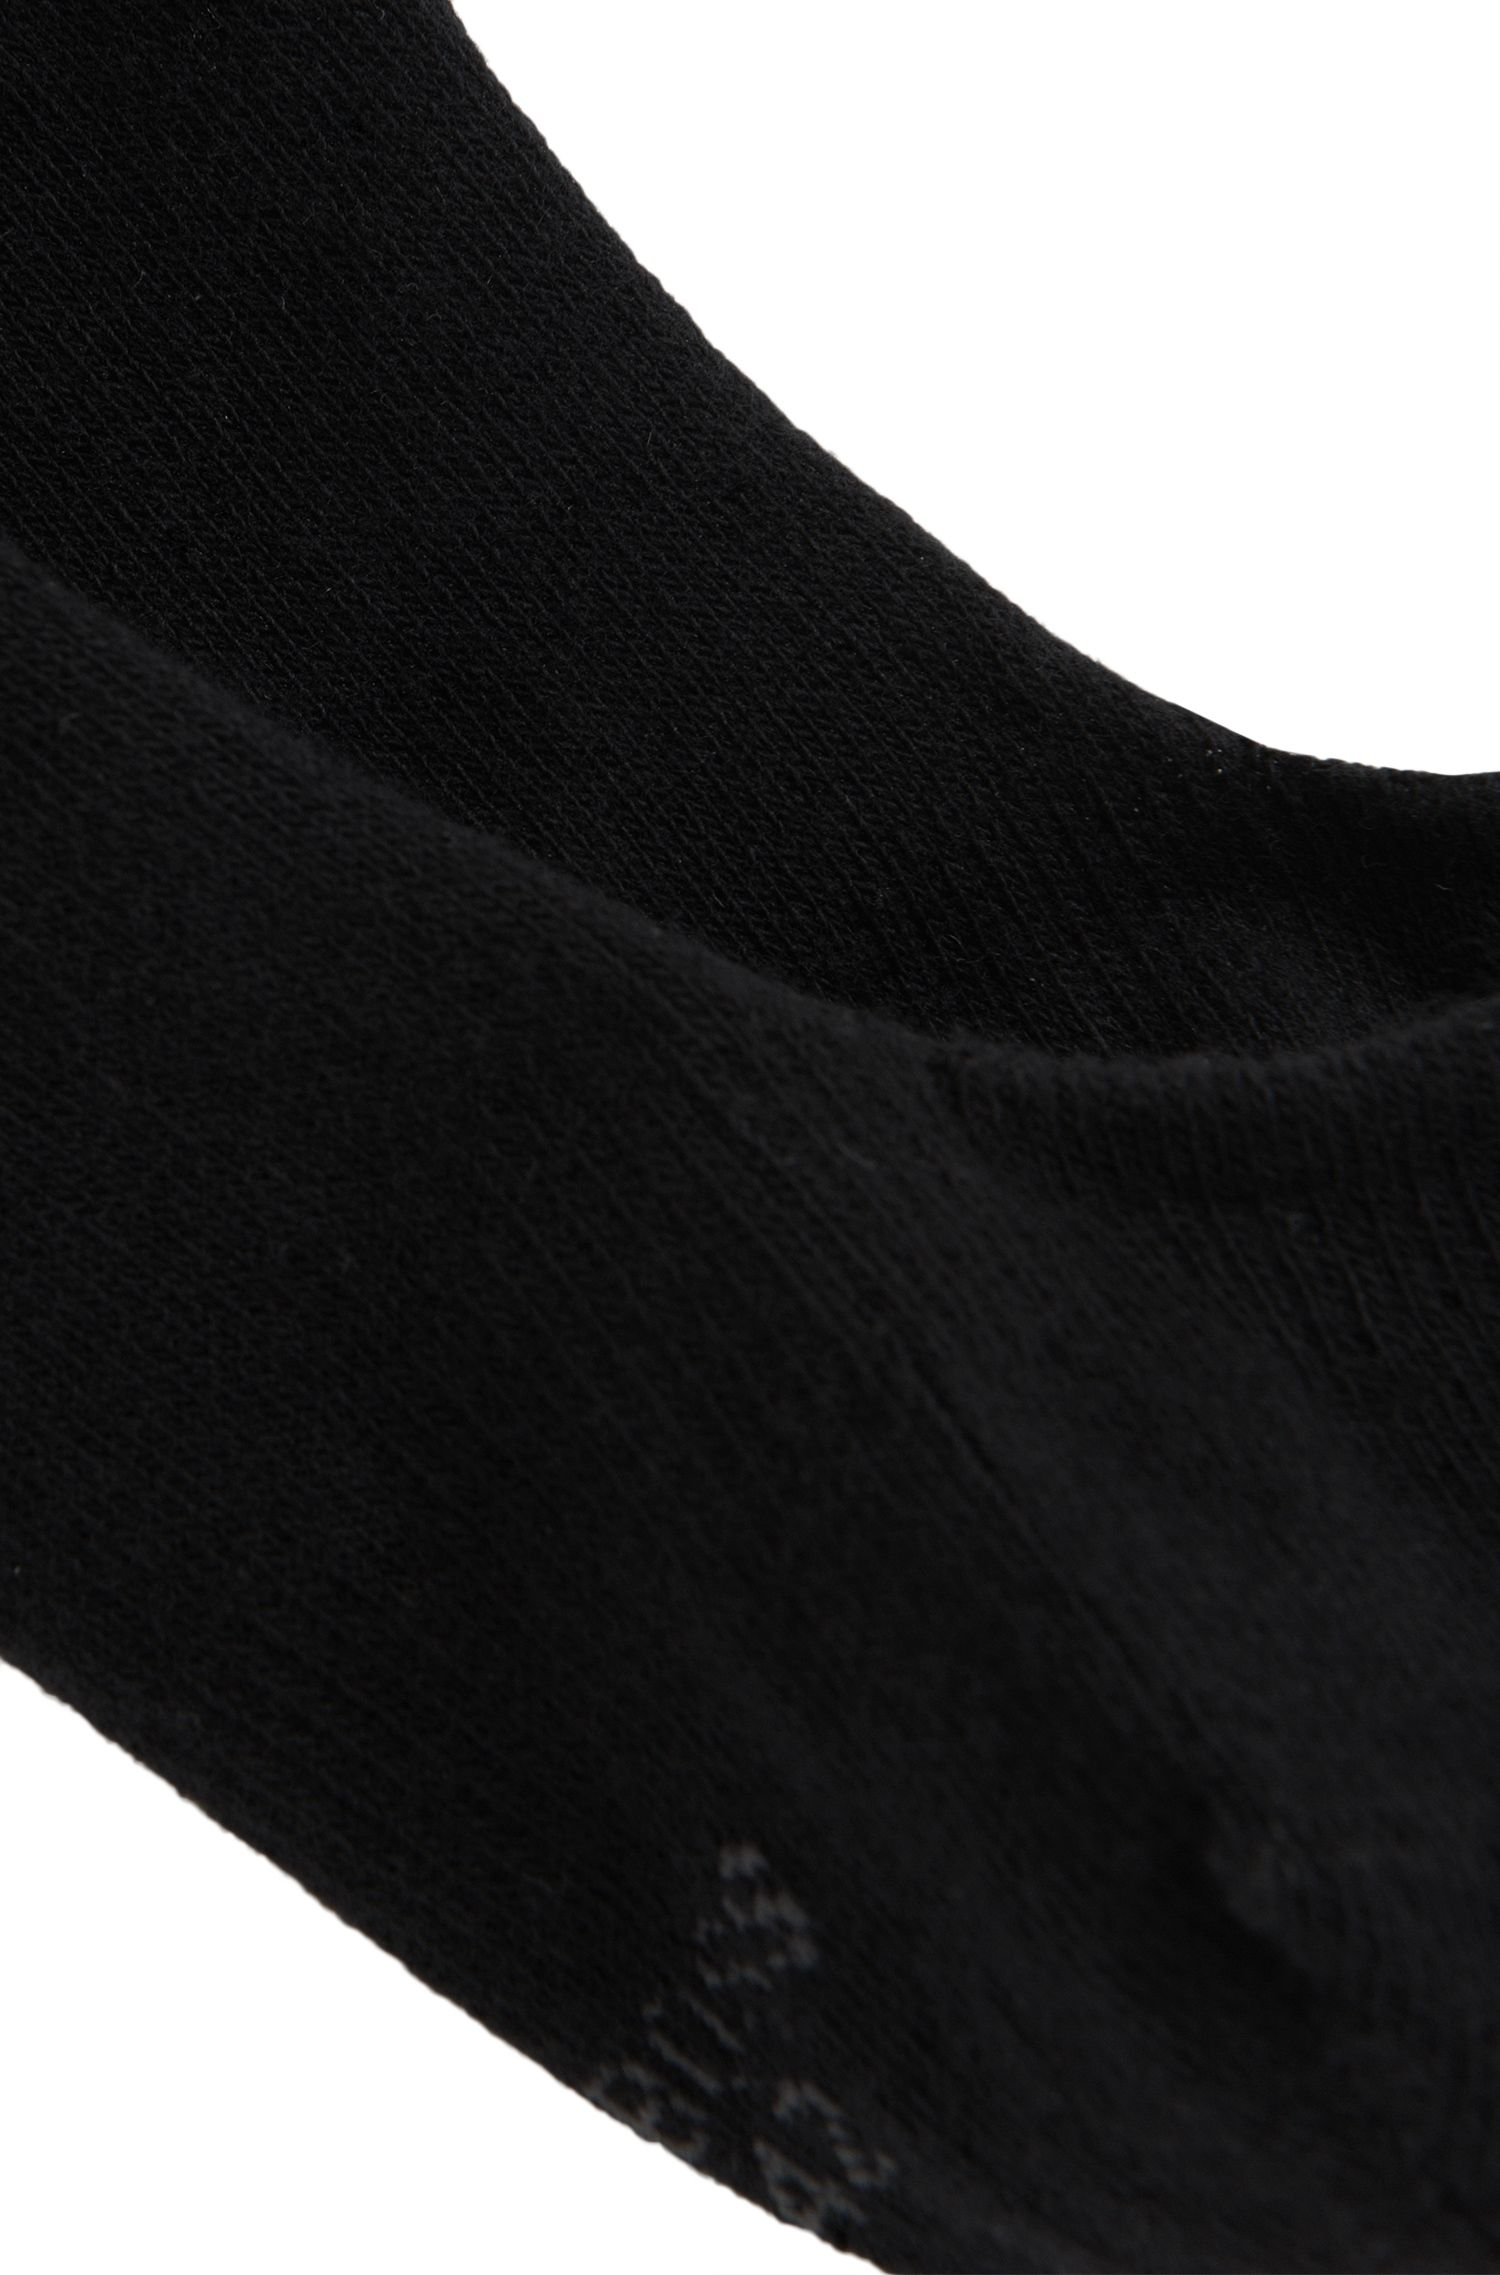 Chaussettes invisibles avec une protection des talons en silicone